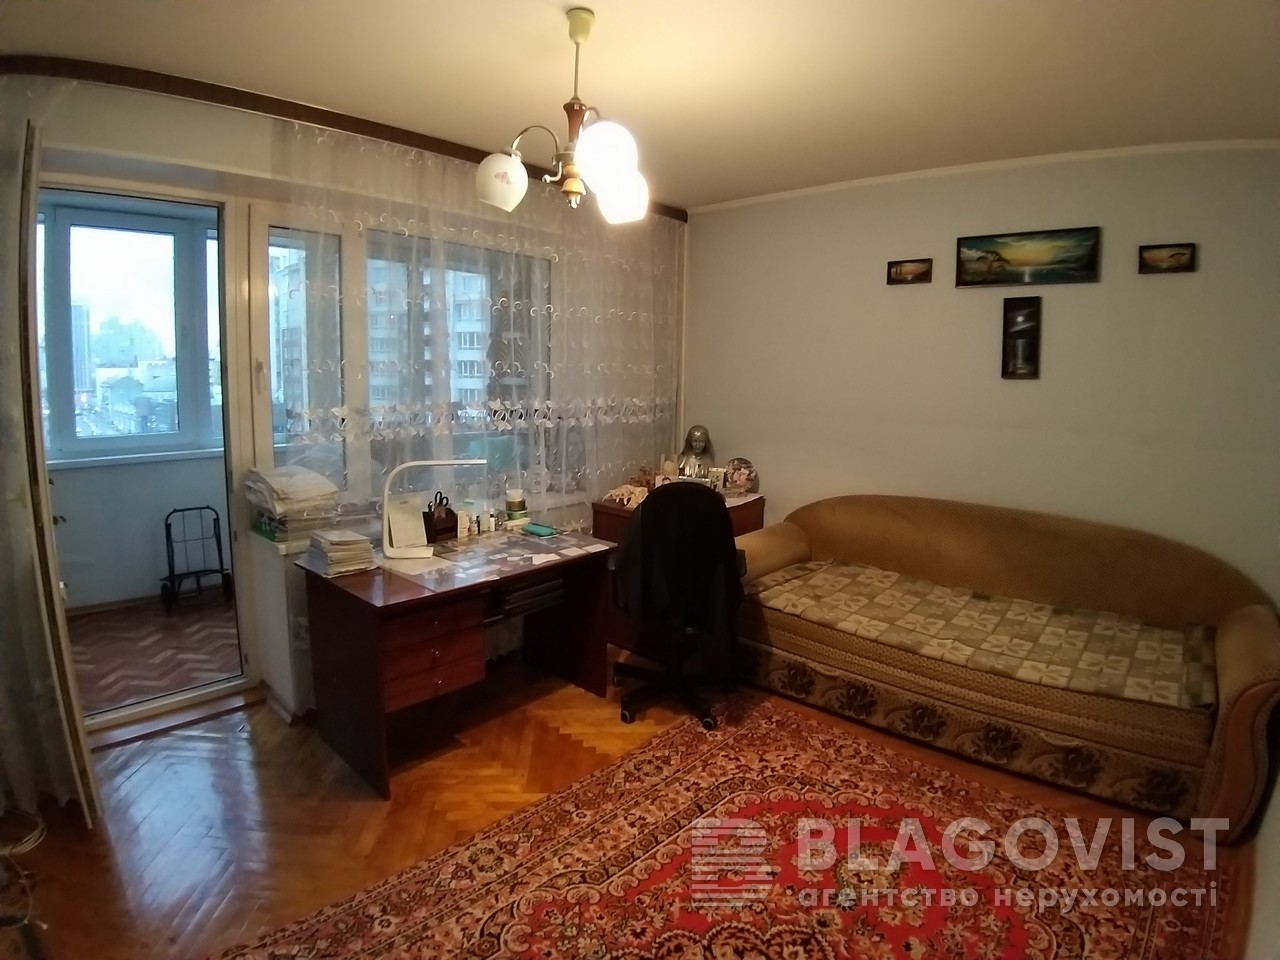 Квартира H-48780, Антоновича (Горького), 158, Киев - Фото 5